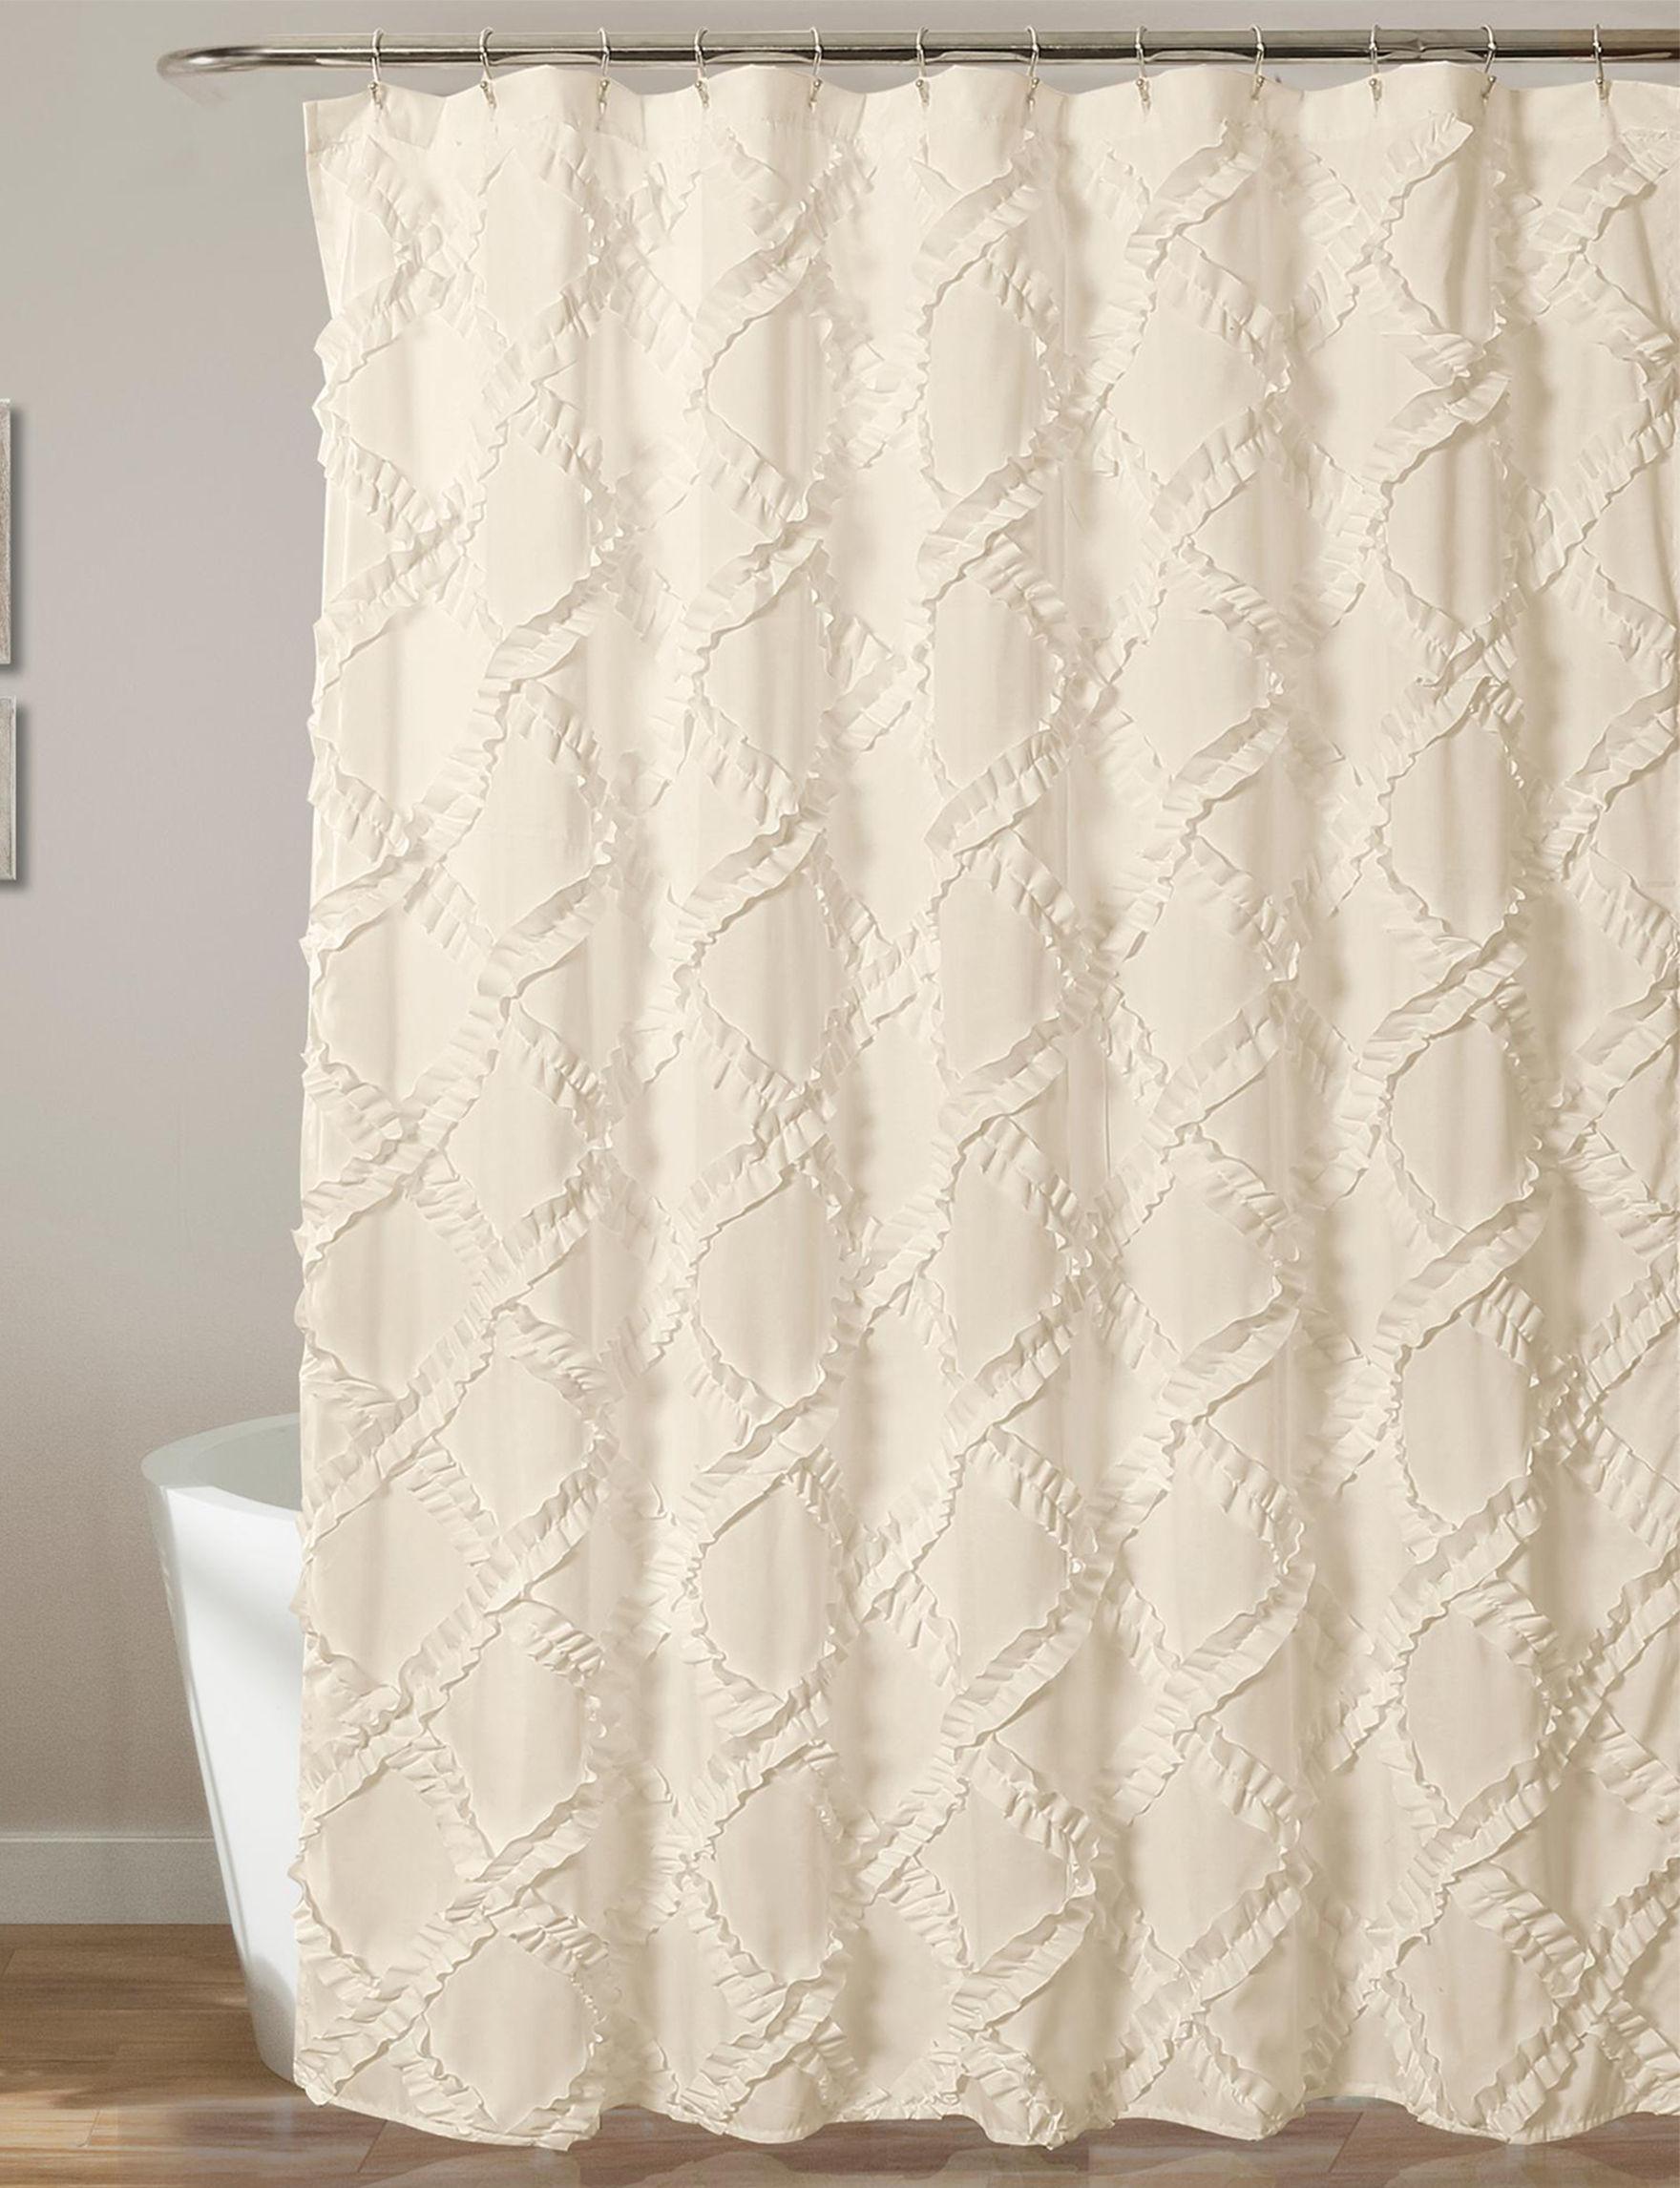 Lush Decor Ivory Shower Curtains & Hooks